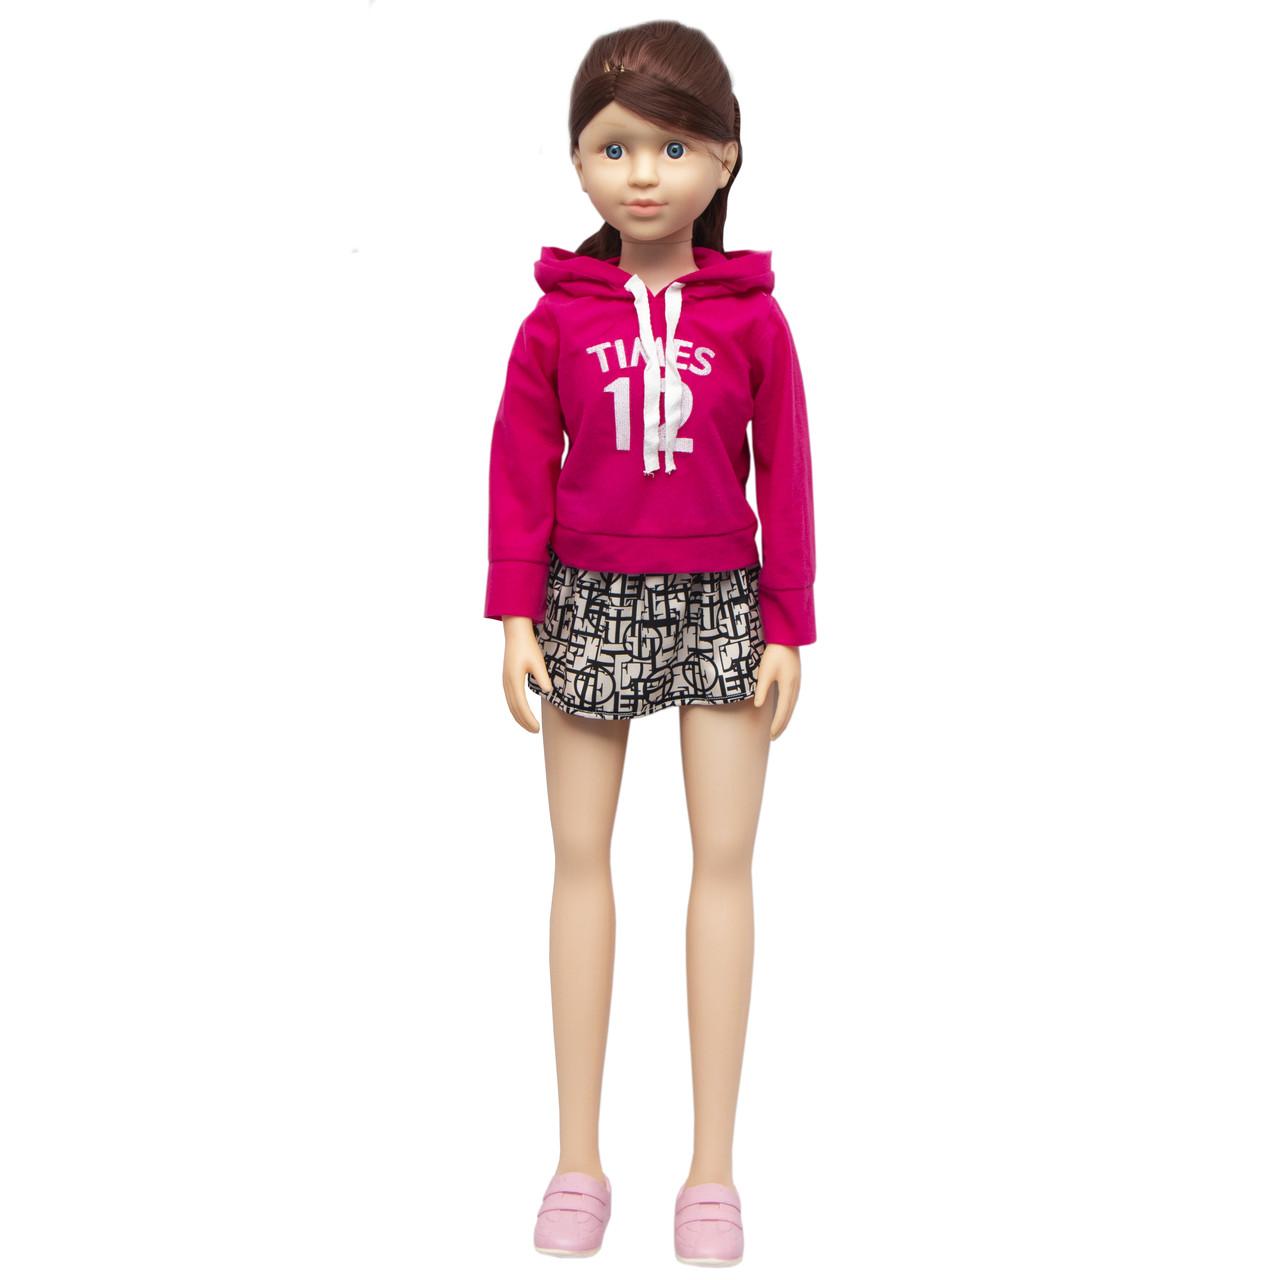 Большая ходячая кукла классическая, 100 см, в розовой толстовке и с темными волосами (sum950058)